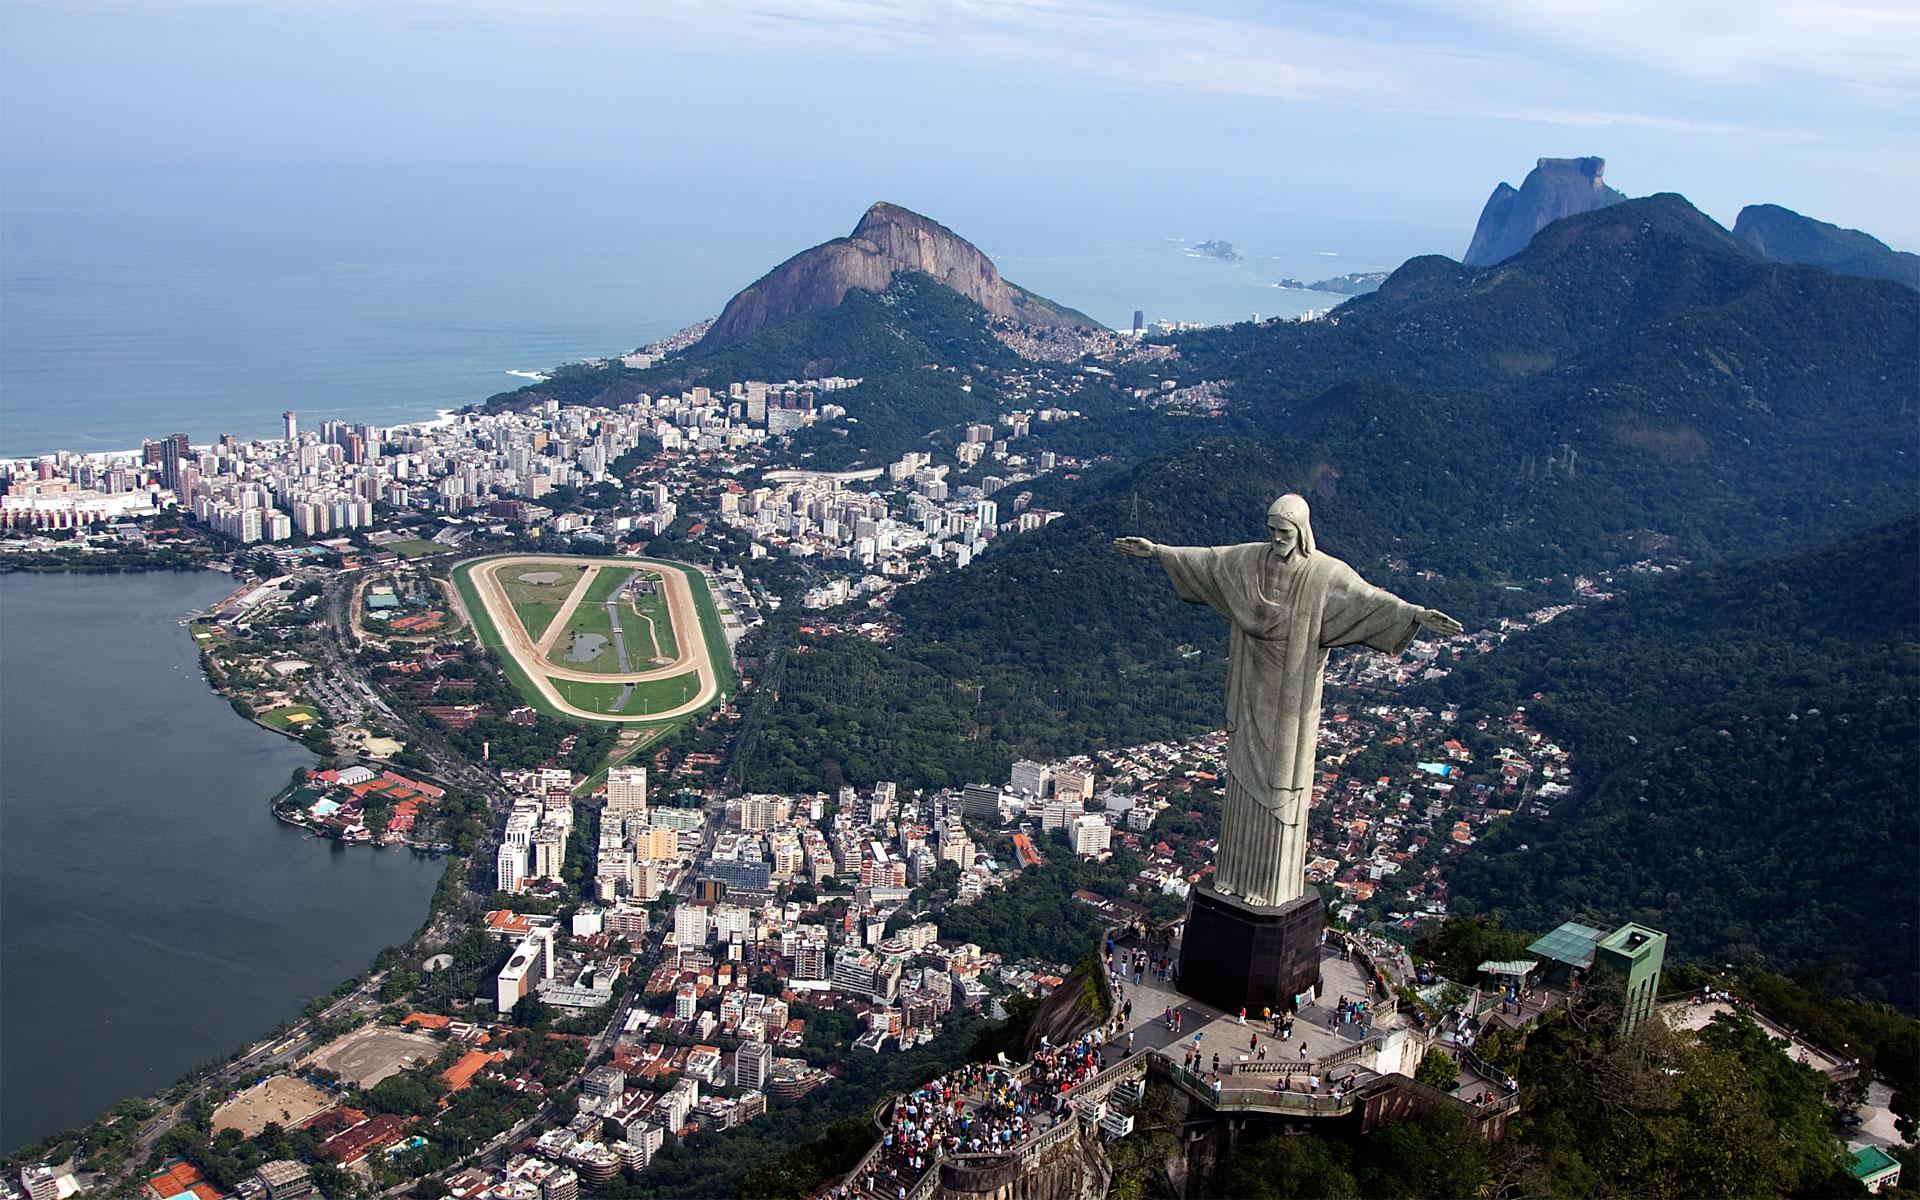 Rio de Janeiro, Brazil, Aerial view of Statue of Jesus